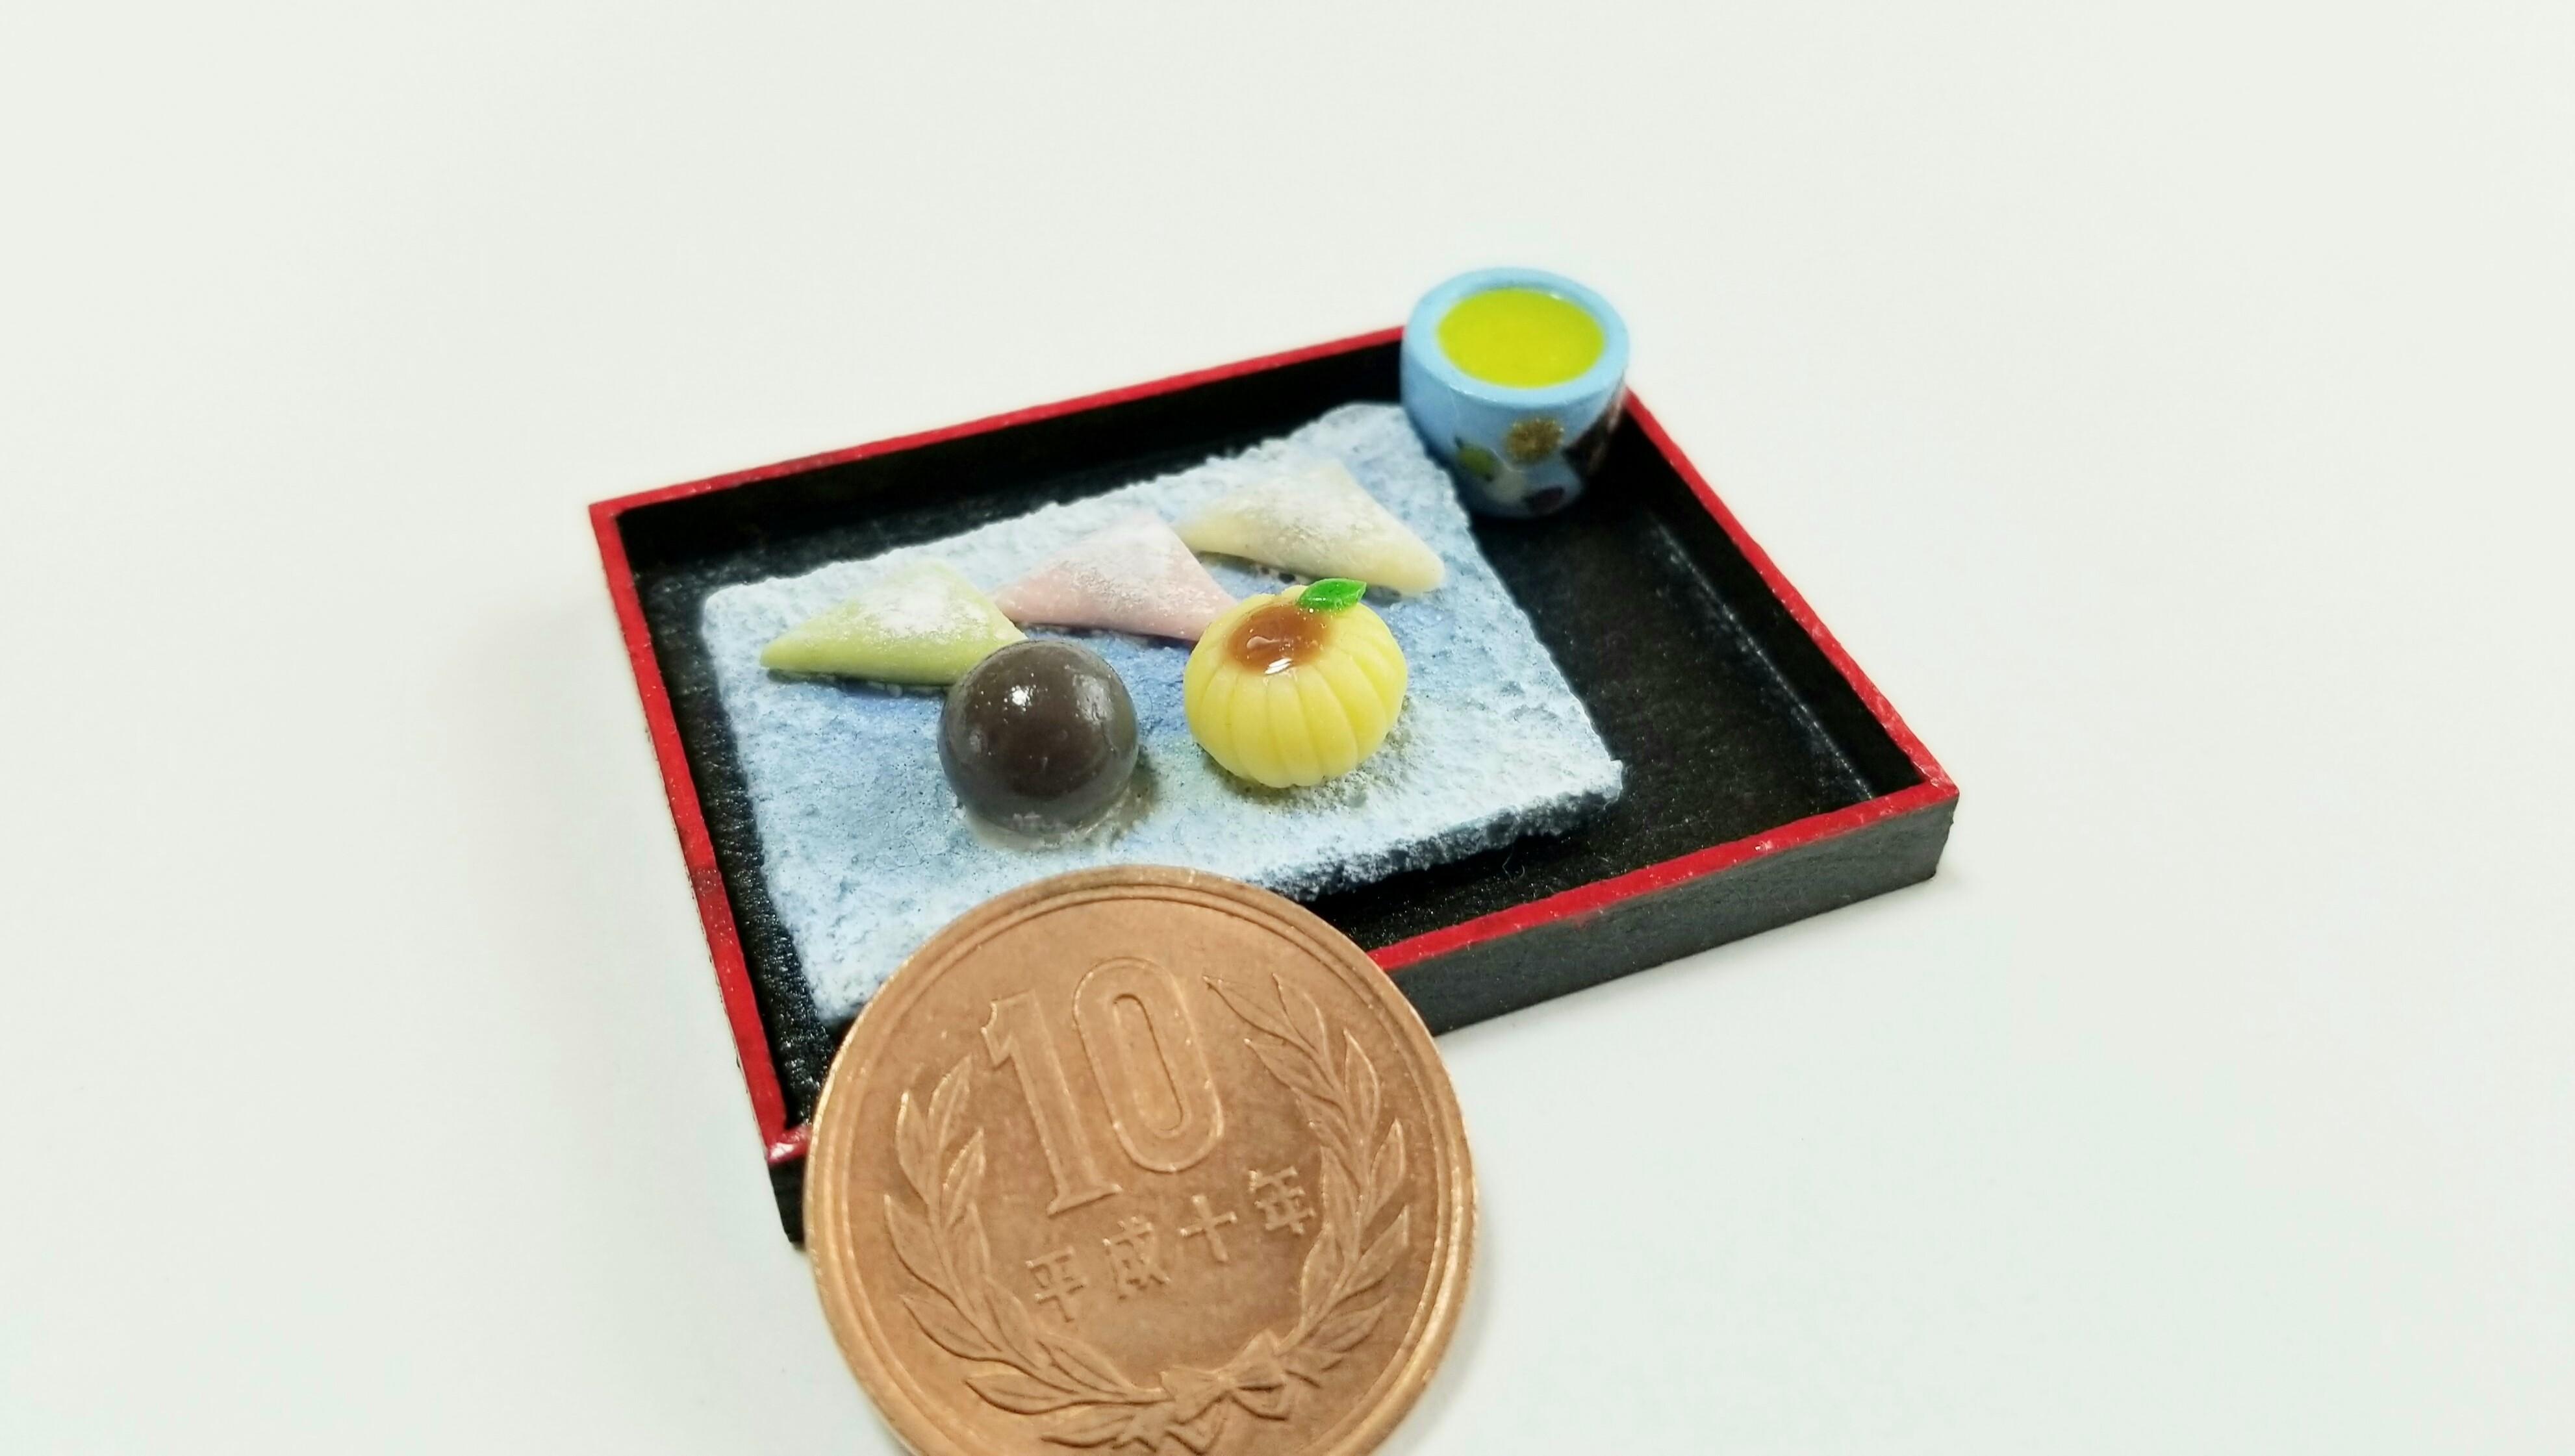 ミニチュアフード和菓子かわいいミンネで販売中おすすめ商品樹脂粘土